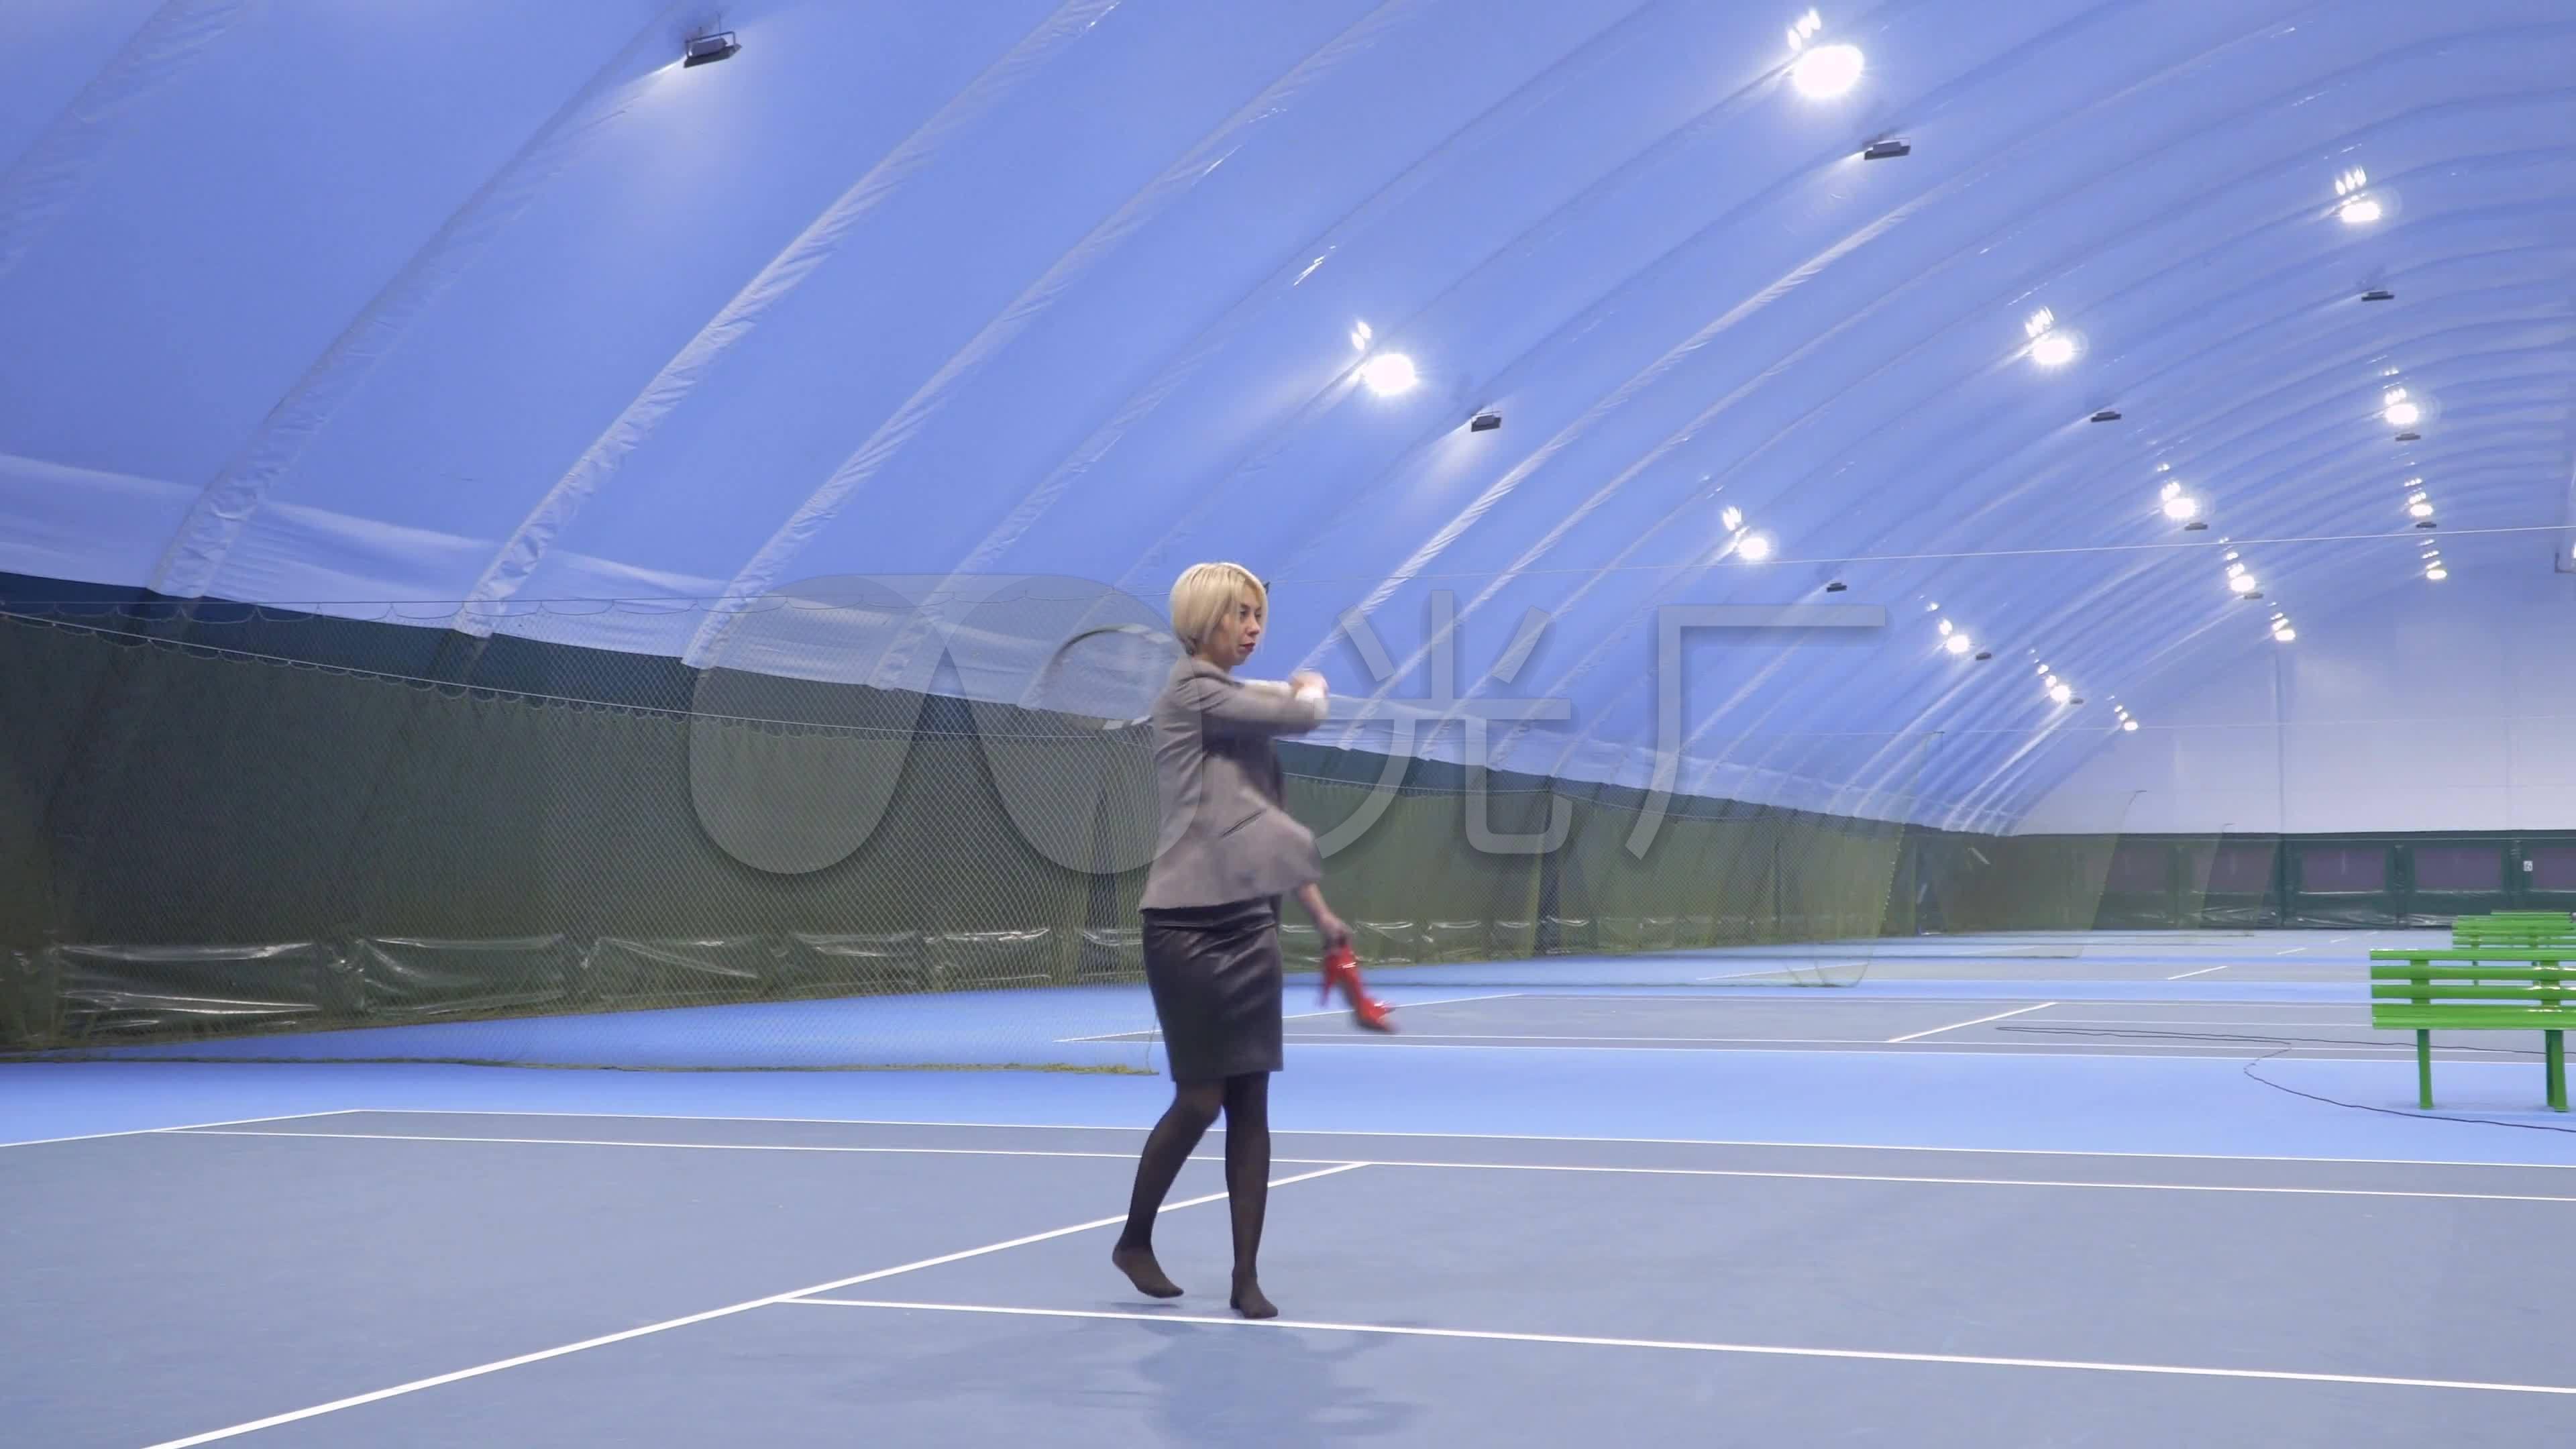 打体育运动装备登山表格网球_3840X2160_高休闲杖比较网球图片